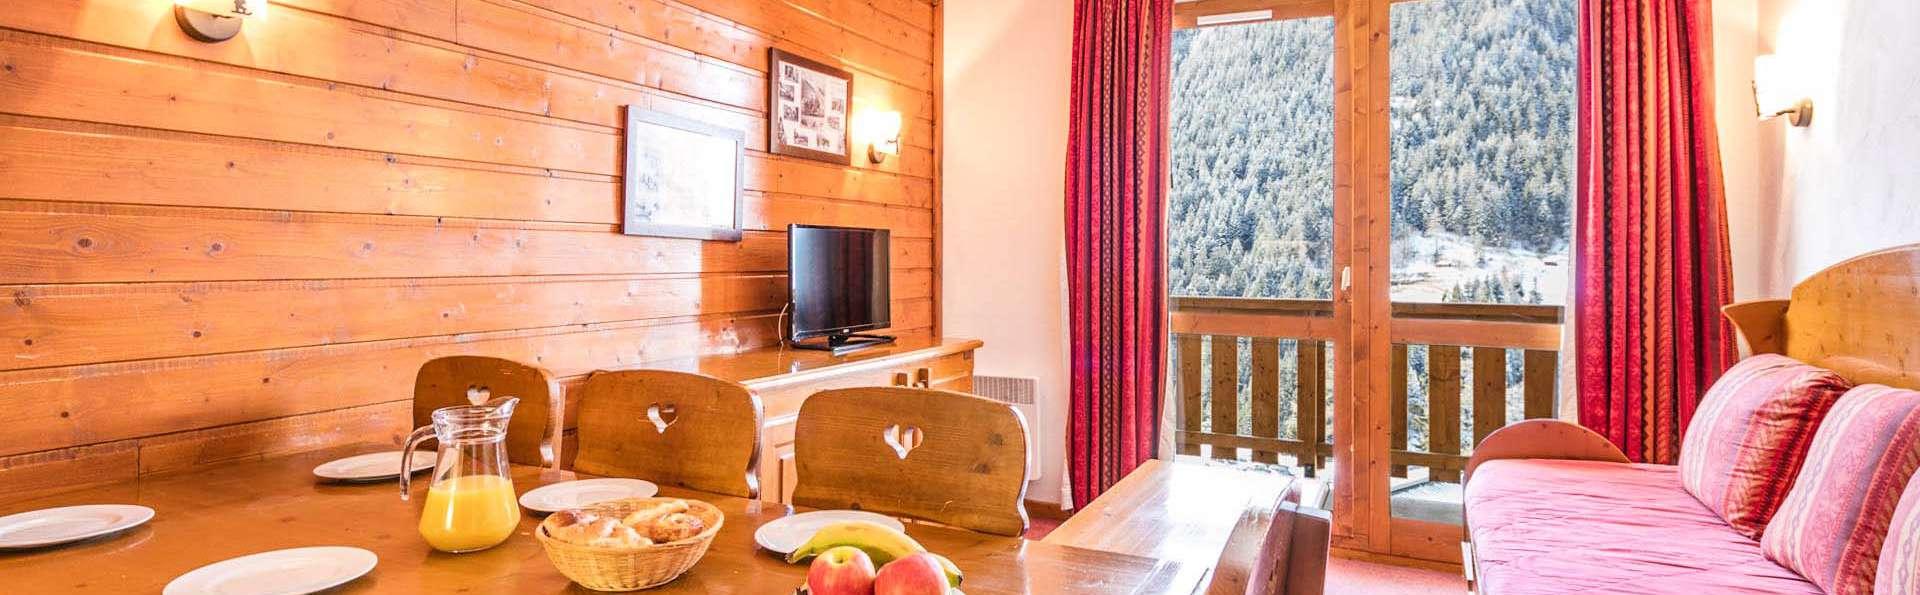 Séjour entre amis ou en famille dans le massif du Mont-Cenis